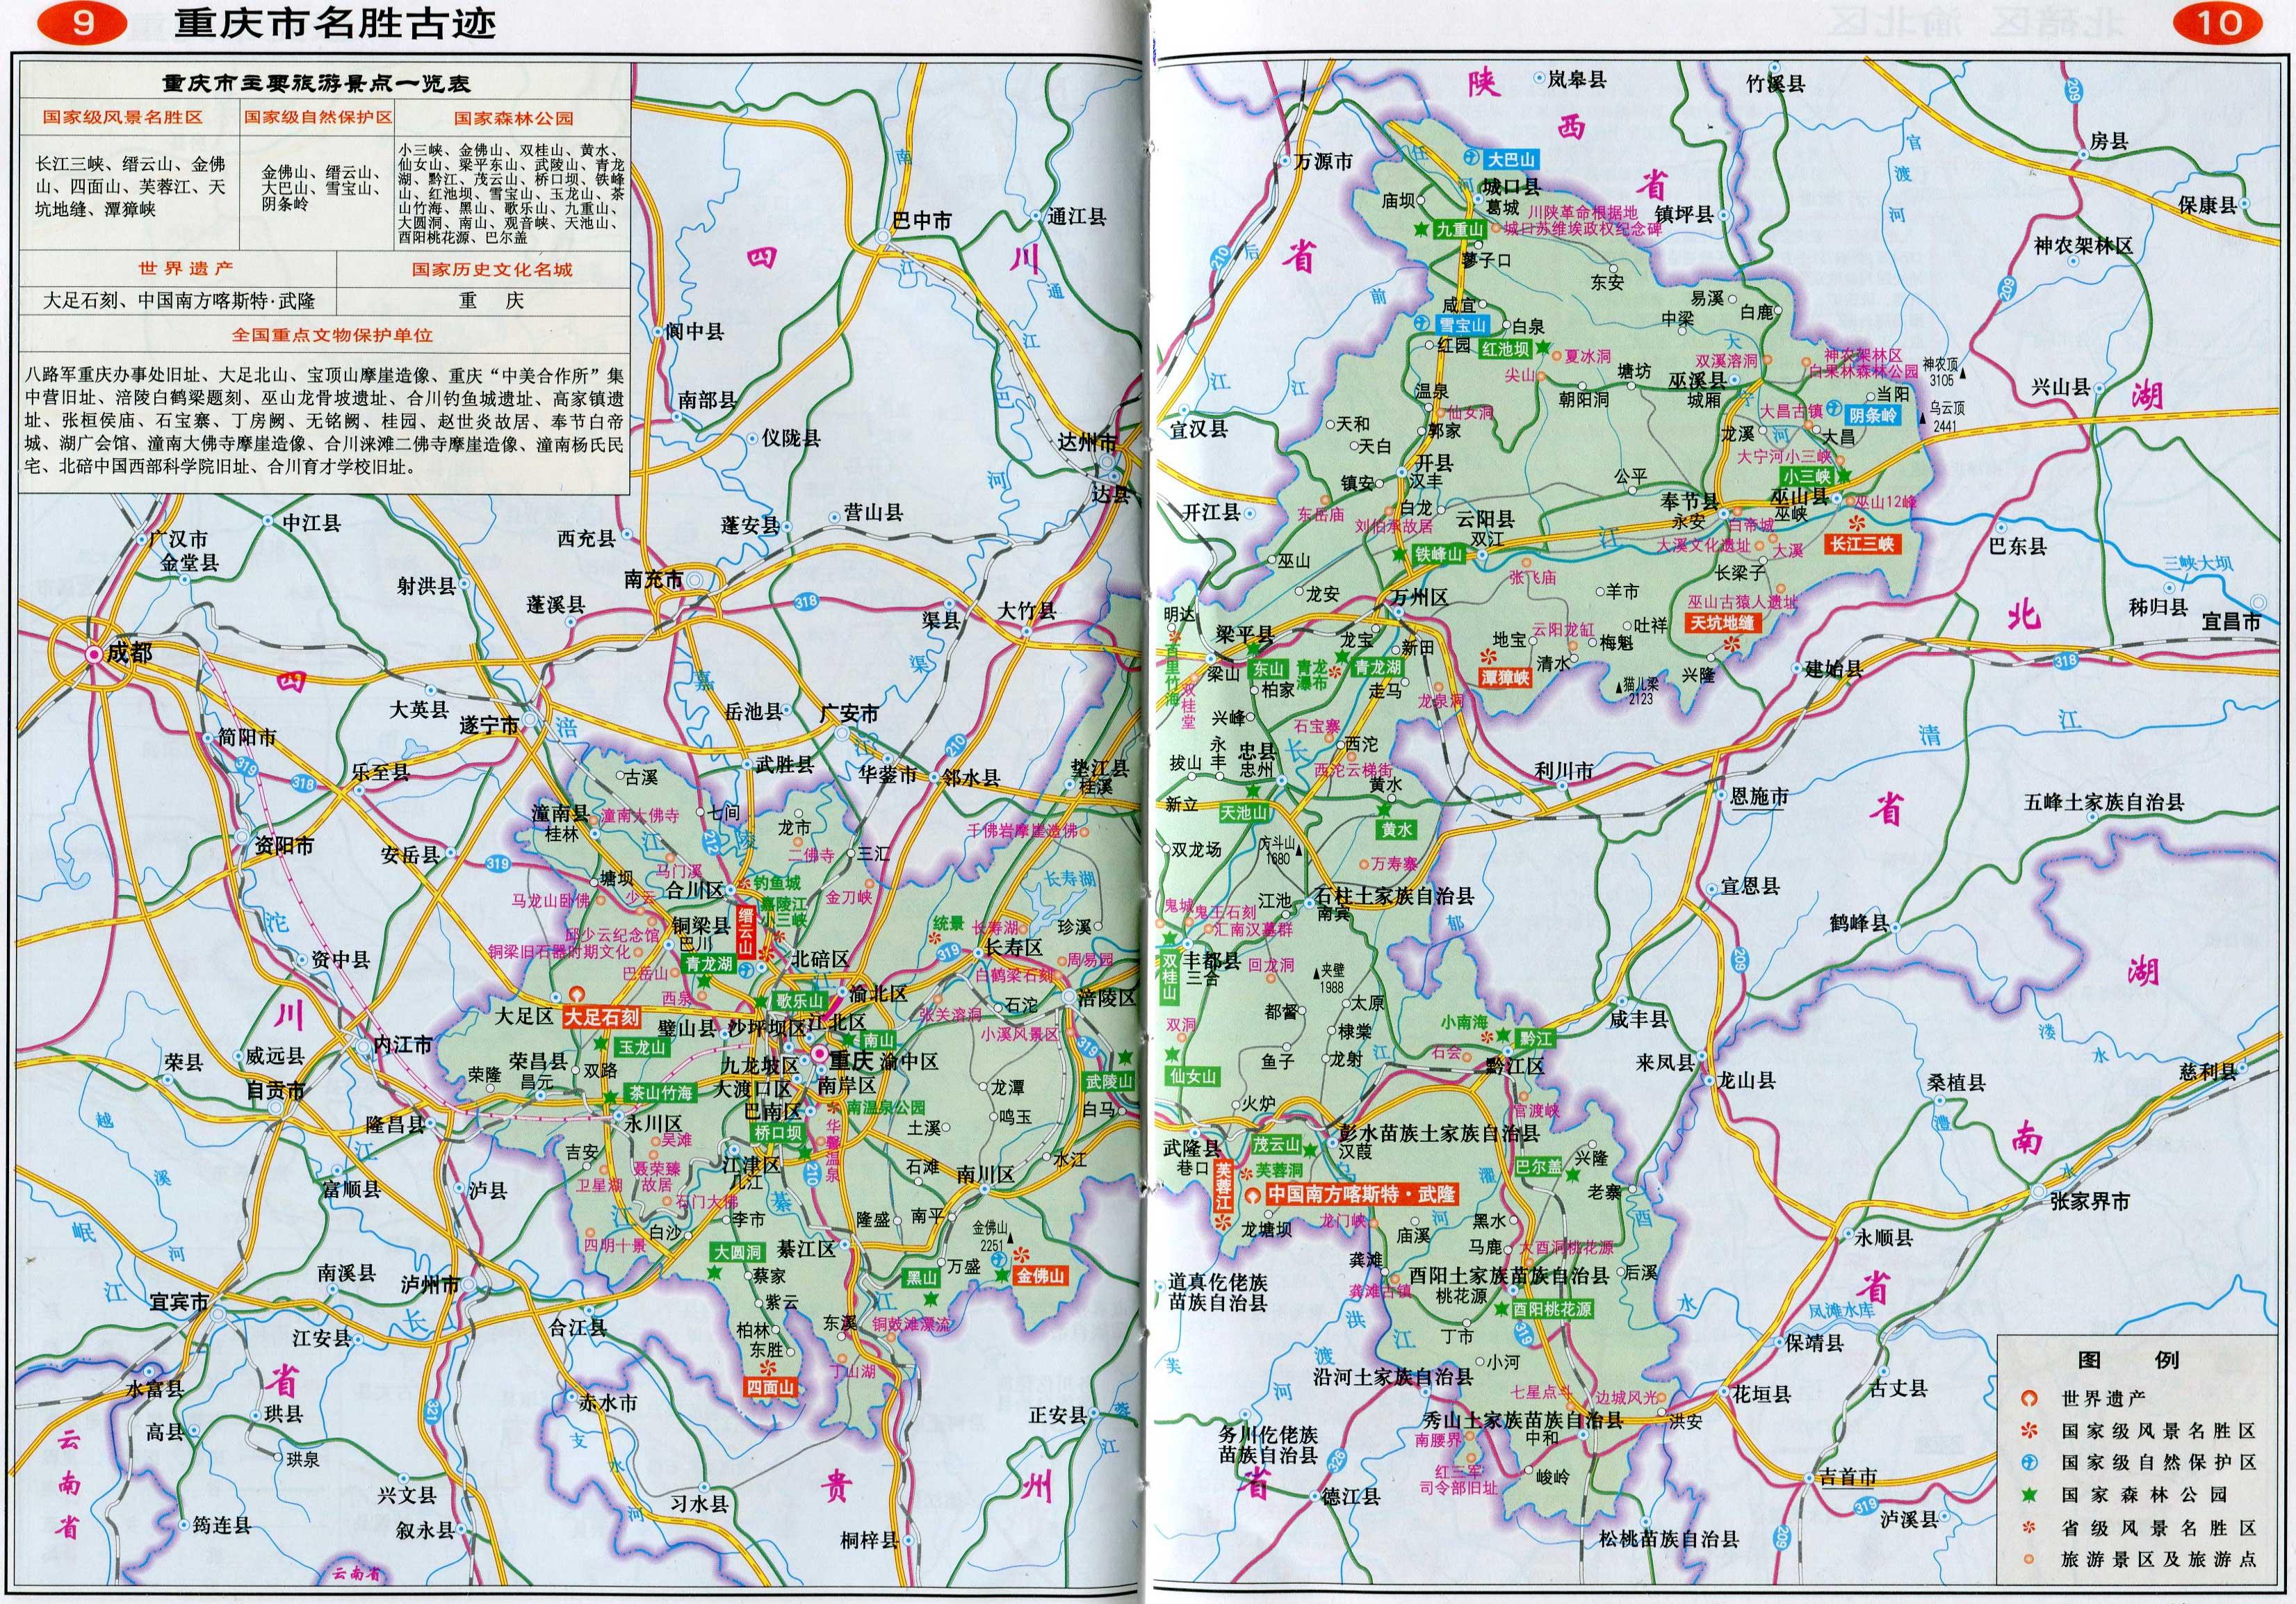 > 重庆地图    地图查询 分享到: 行政地图 | 旅游地图 | 景点地图